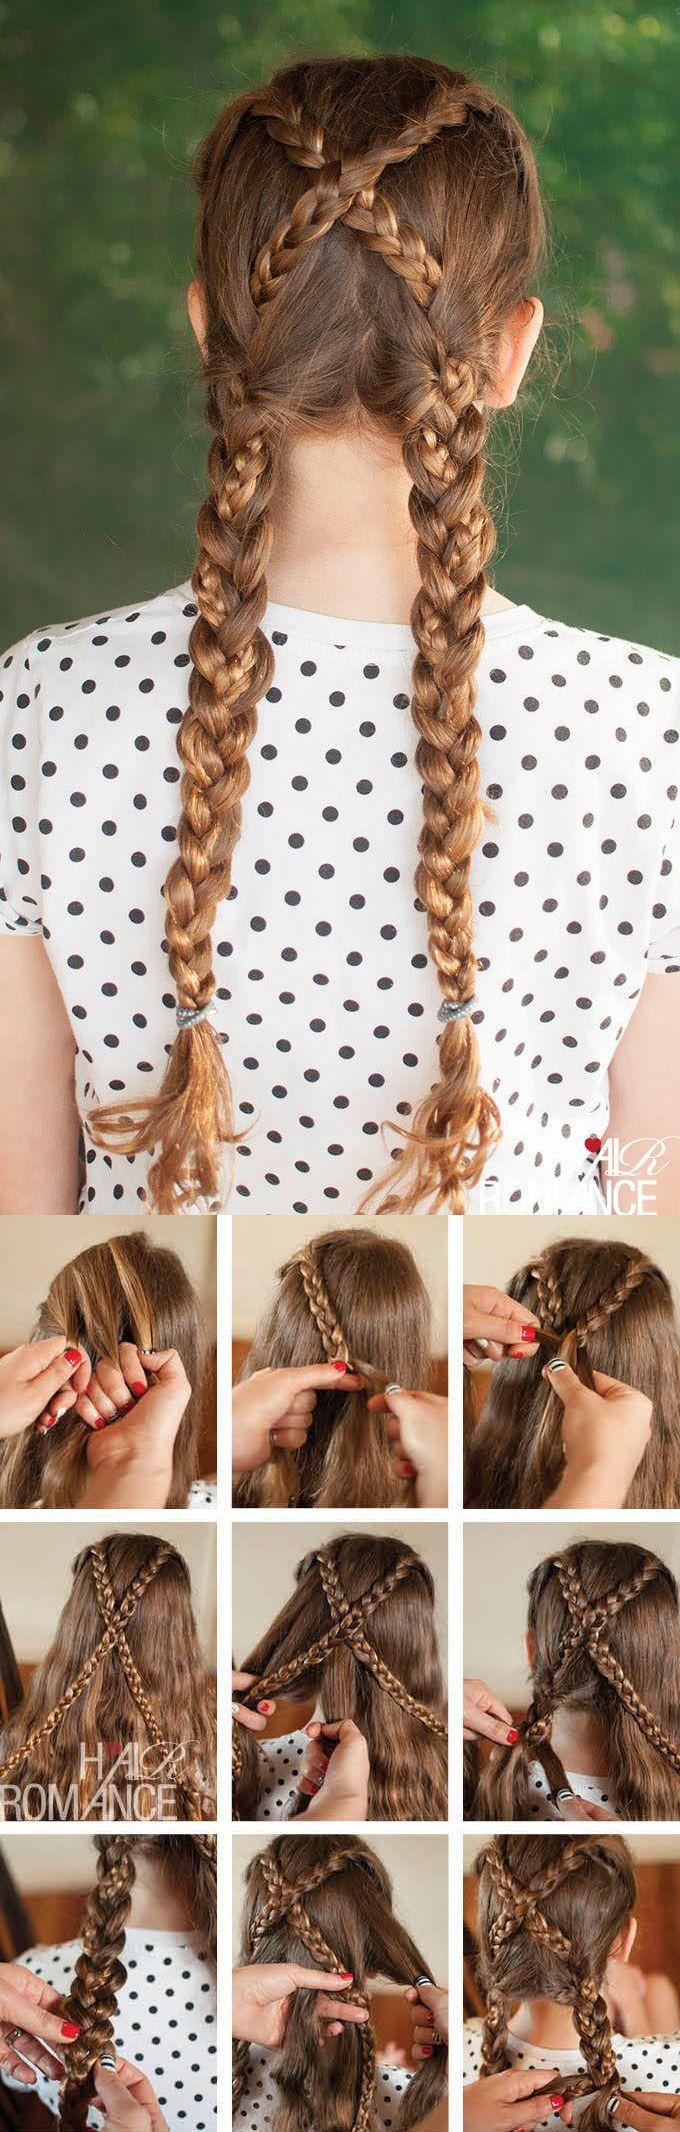 Strange 1000 Ideas About Disney Hair Tutorial On Pinterest Disney Hair Short Hairstyles For Black Women Fulllsitofus